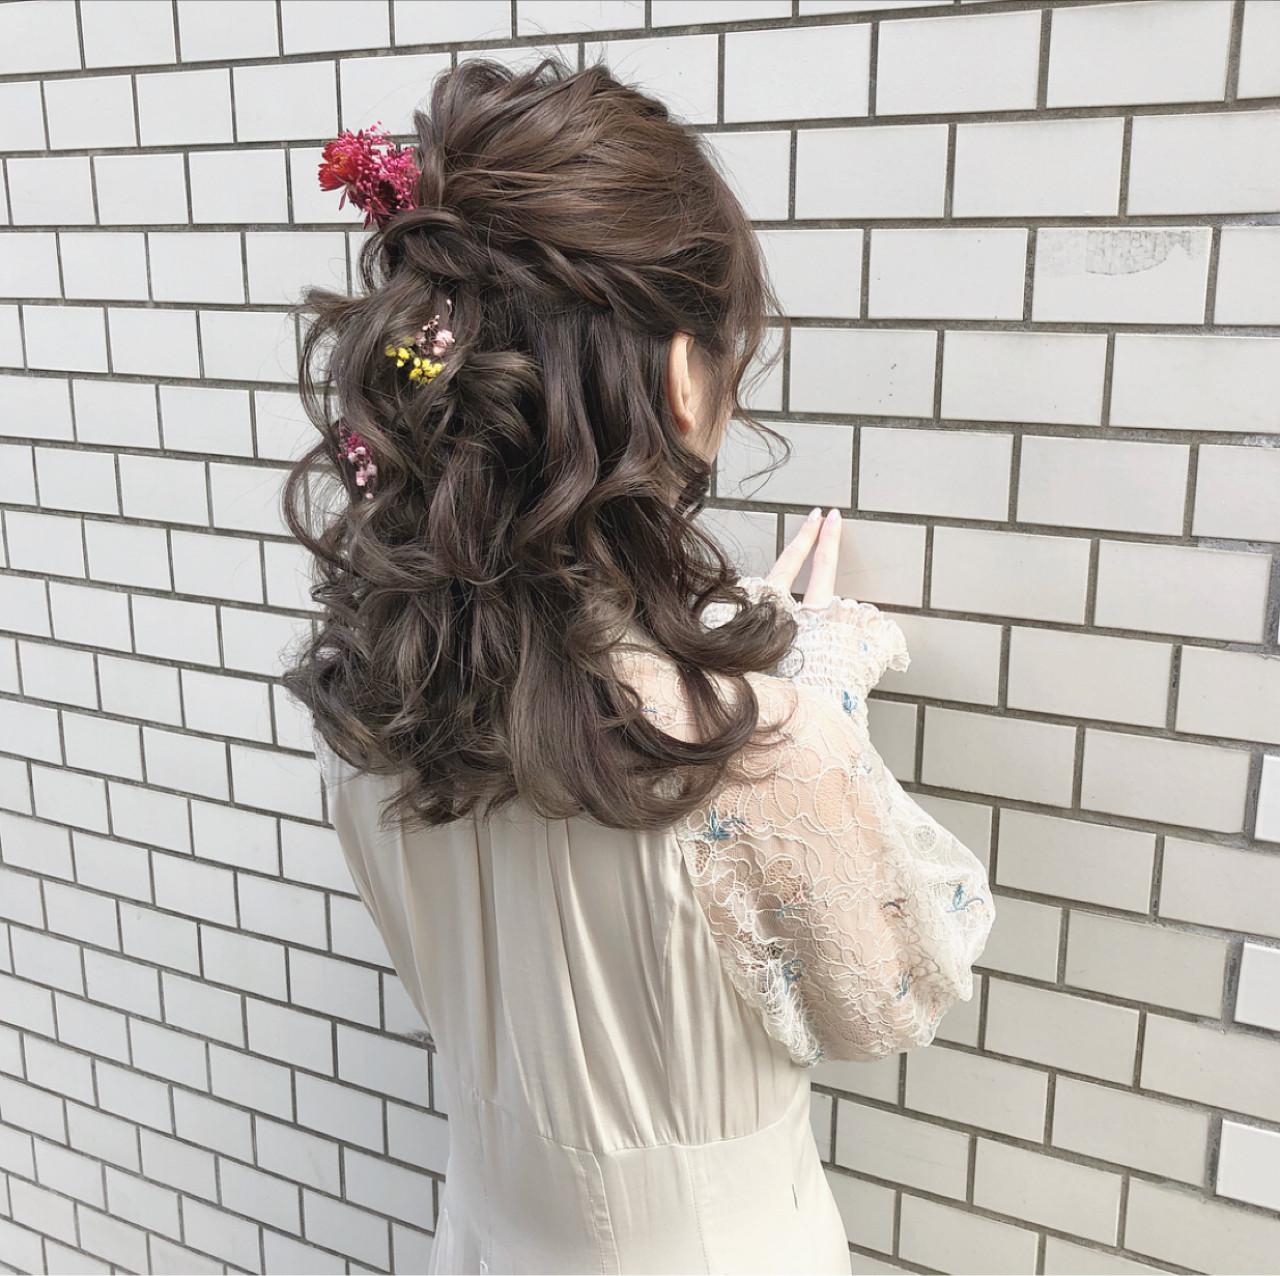 ヘアアレンジ ガーリー ハーフアップ デート ヘアスタイルや髪型の写真・画像 | hii.de@✂︎ / Maison de sisi